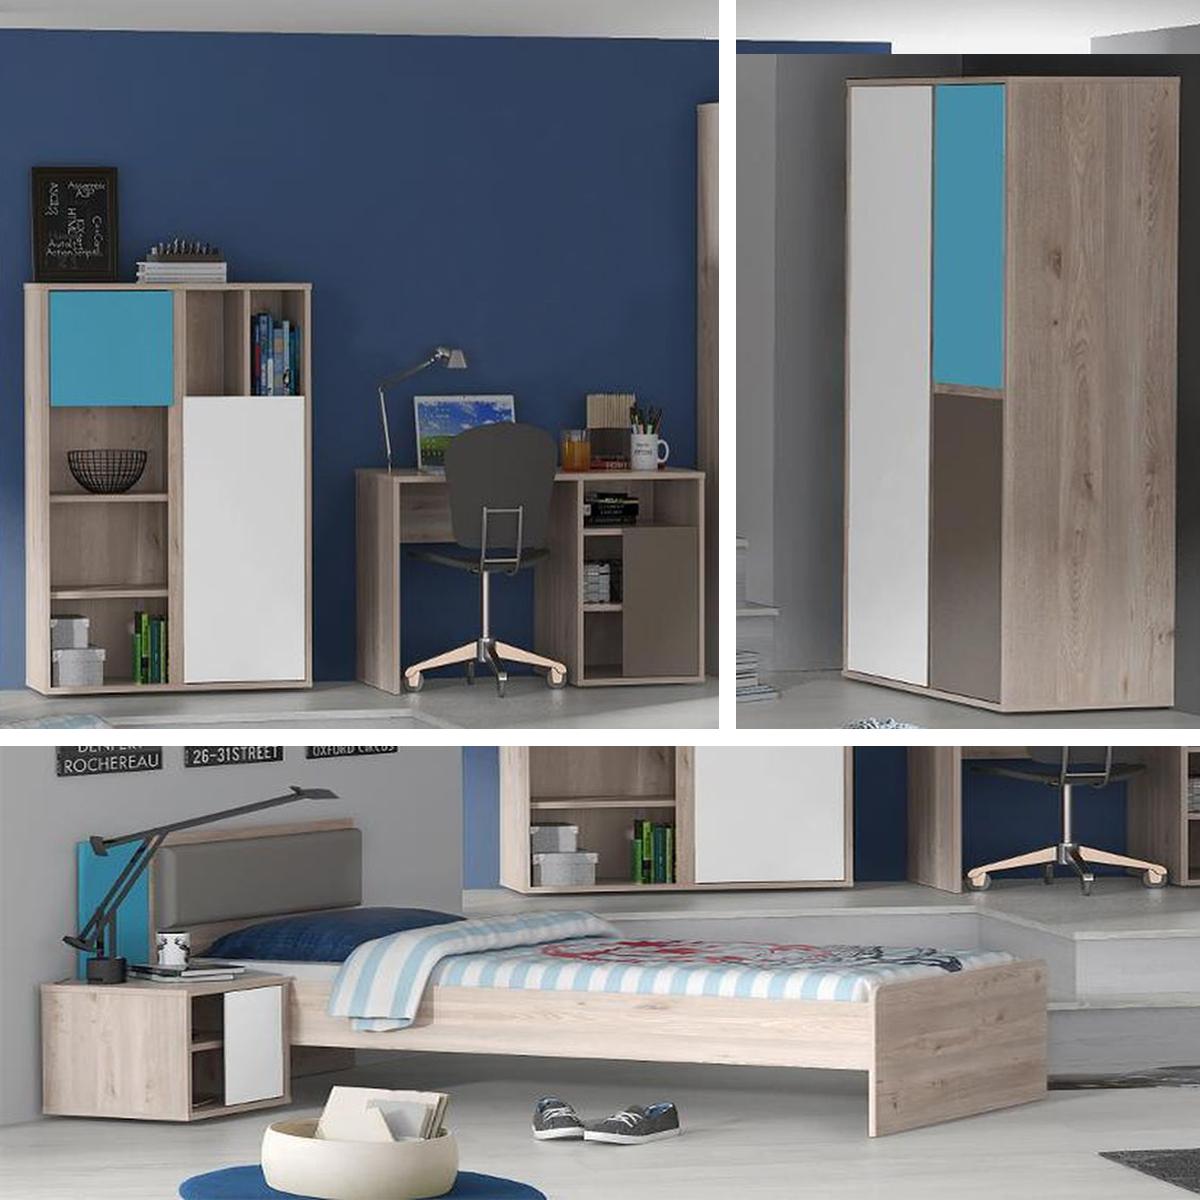 Jugendzimmer sirsey kinderzimmer 5 teilig eiche und blau - Jugendzimmer blau ...